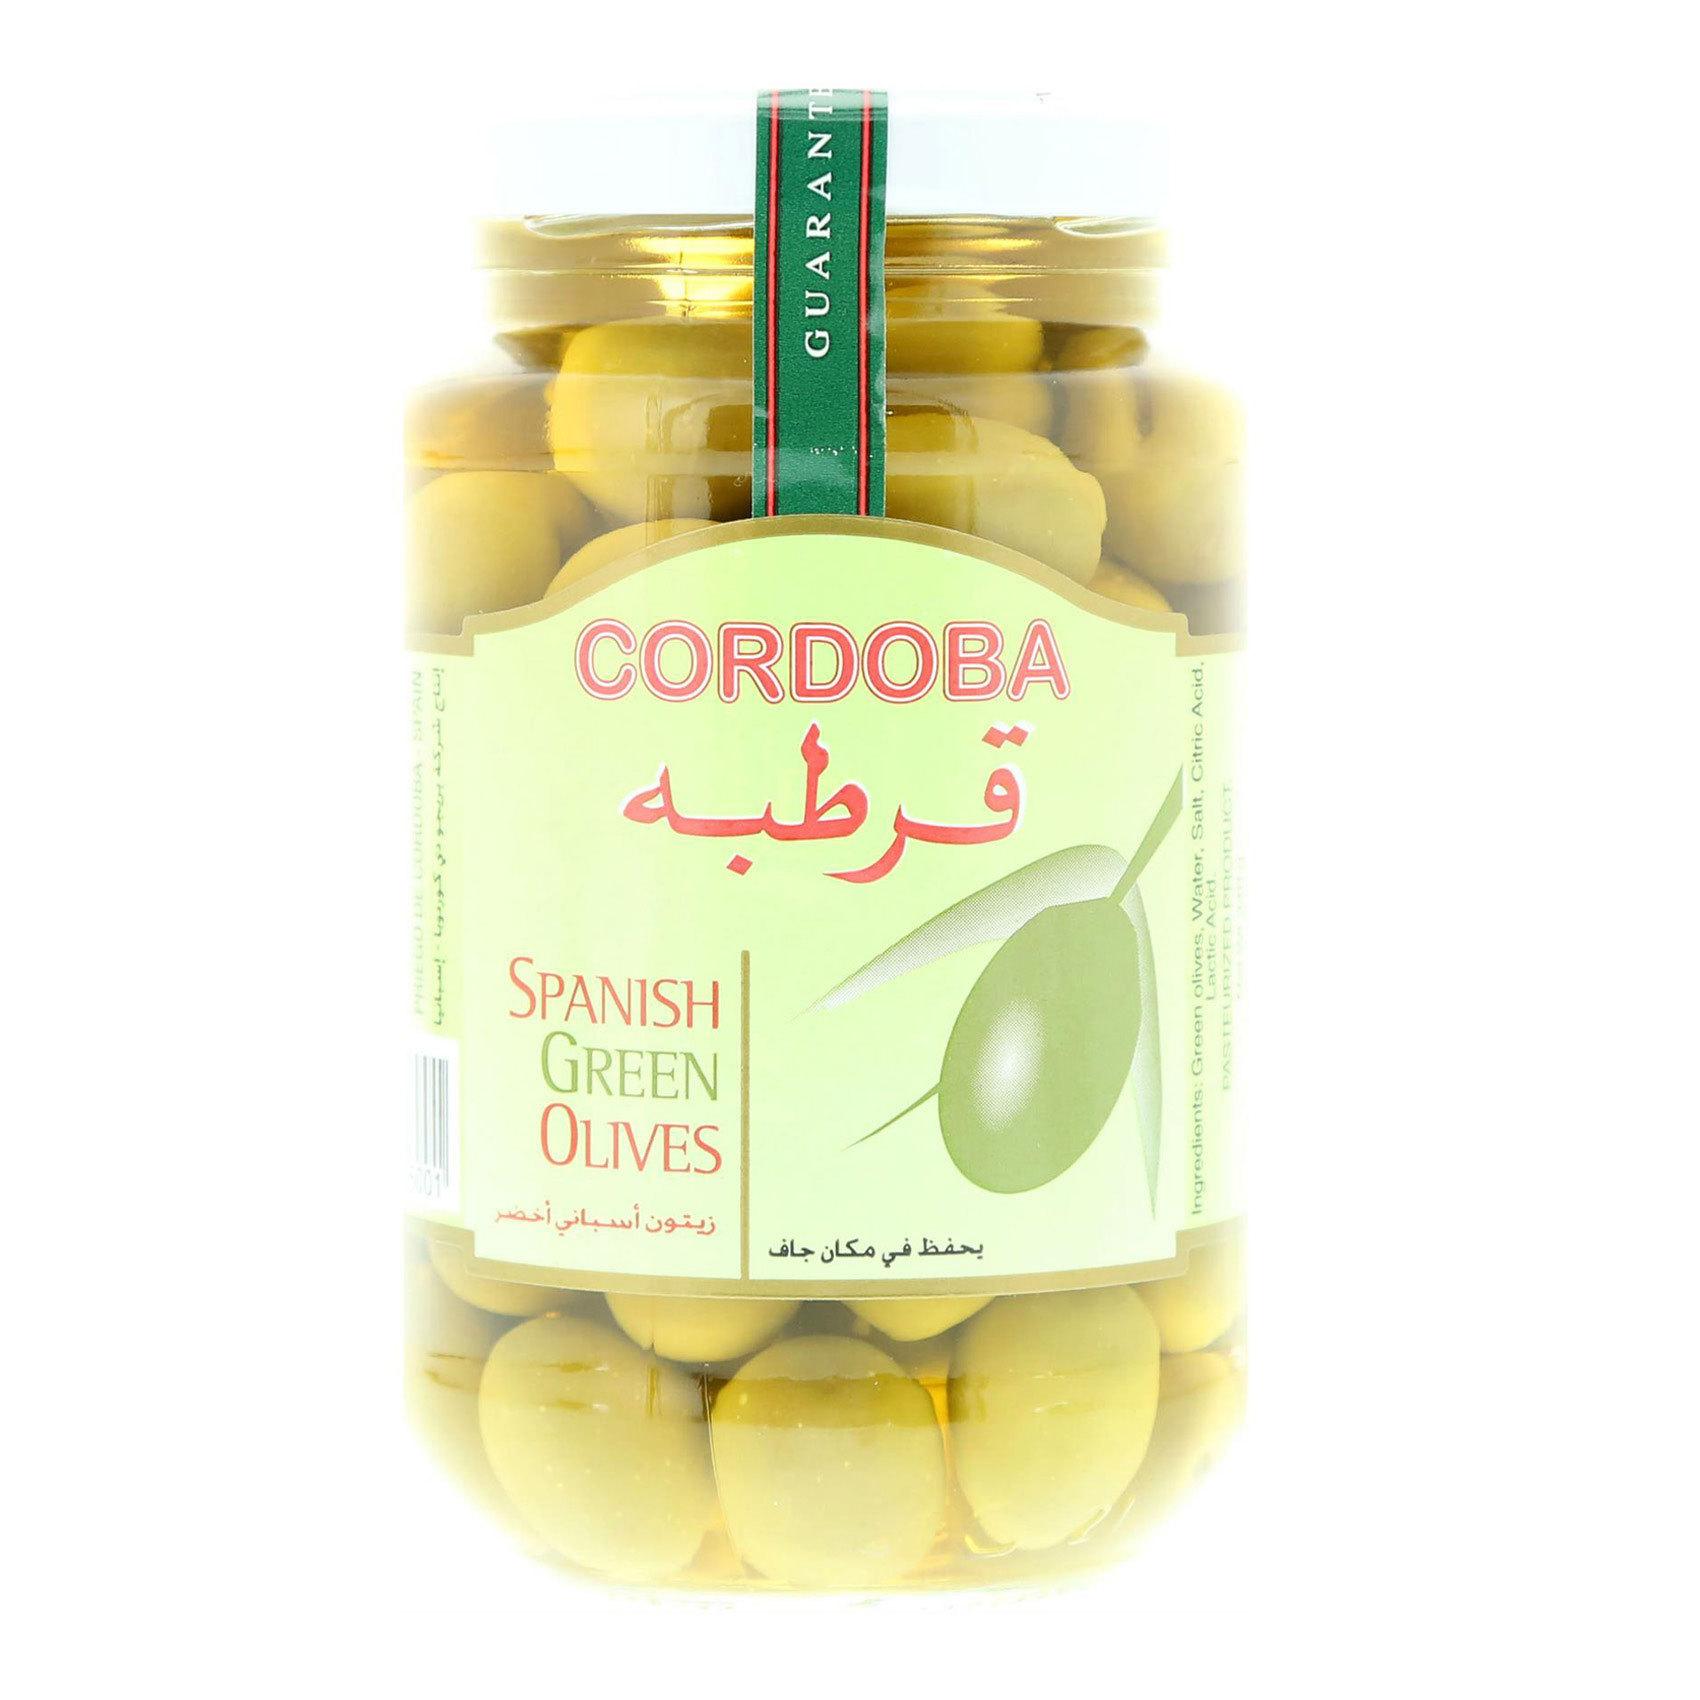 CORDOBA PLAIN GREEN OLIVES 340G